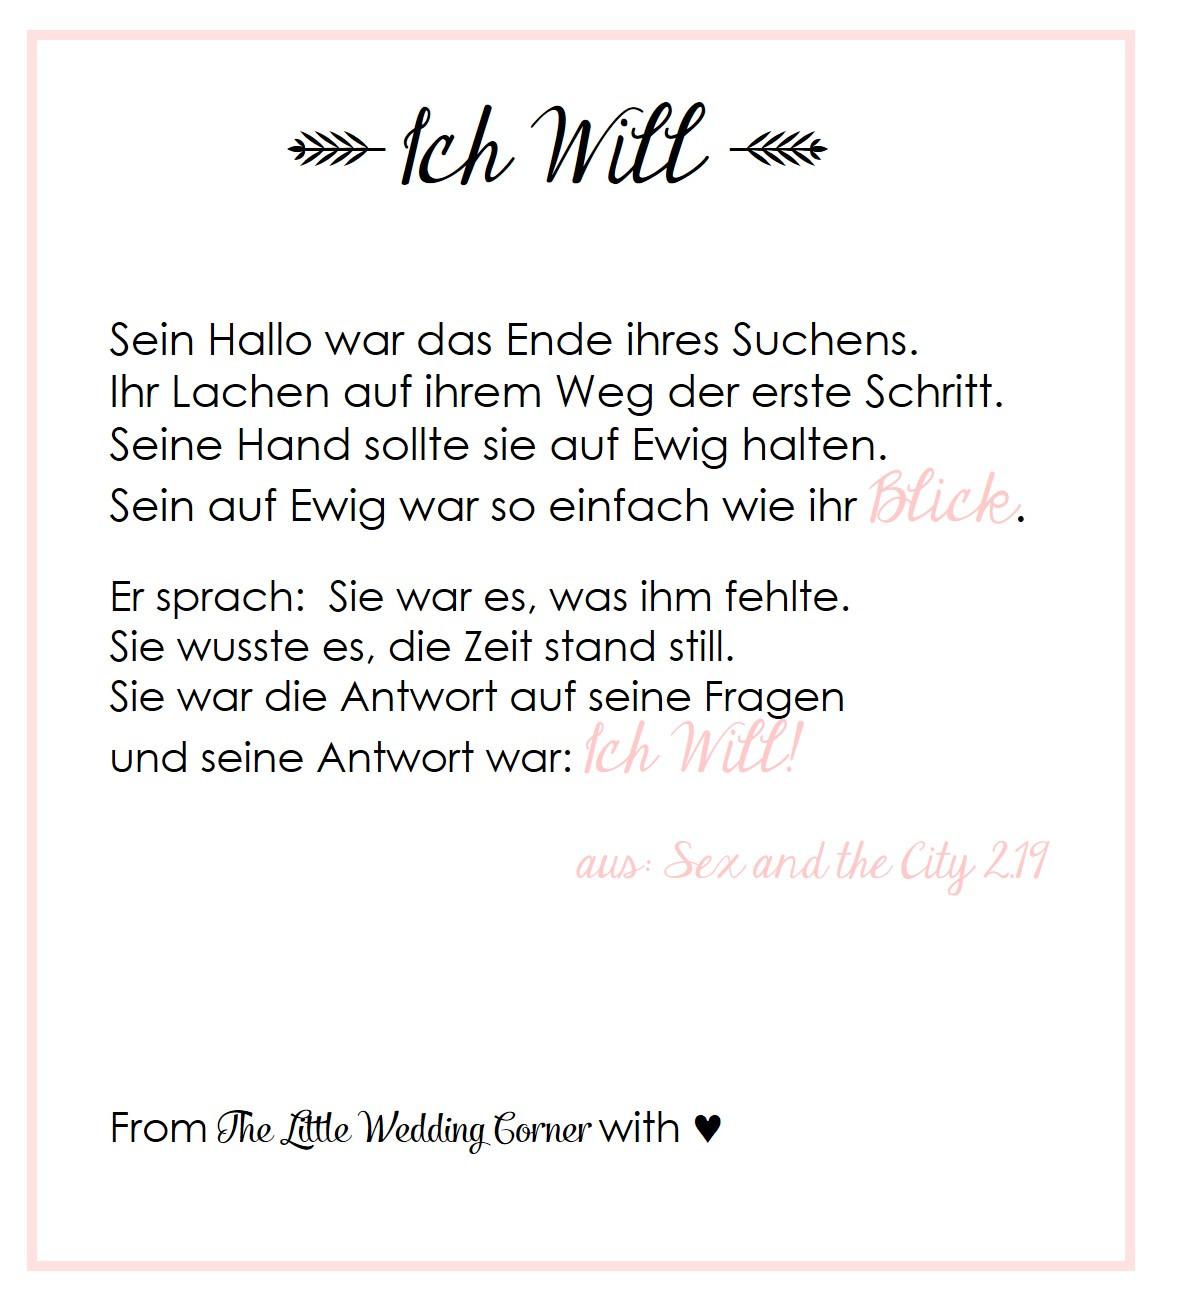 Schöne Lesung Für Hochzeit  Gedicht zur Hochzeit 'I Do' von Carrie aus and the